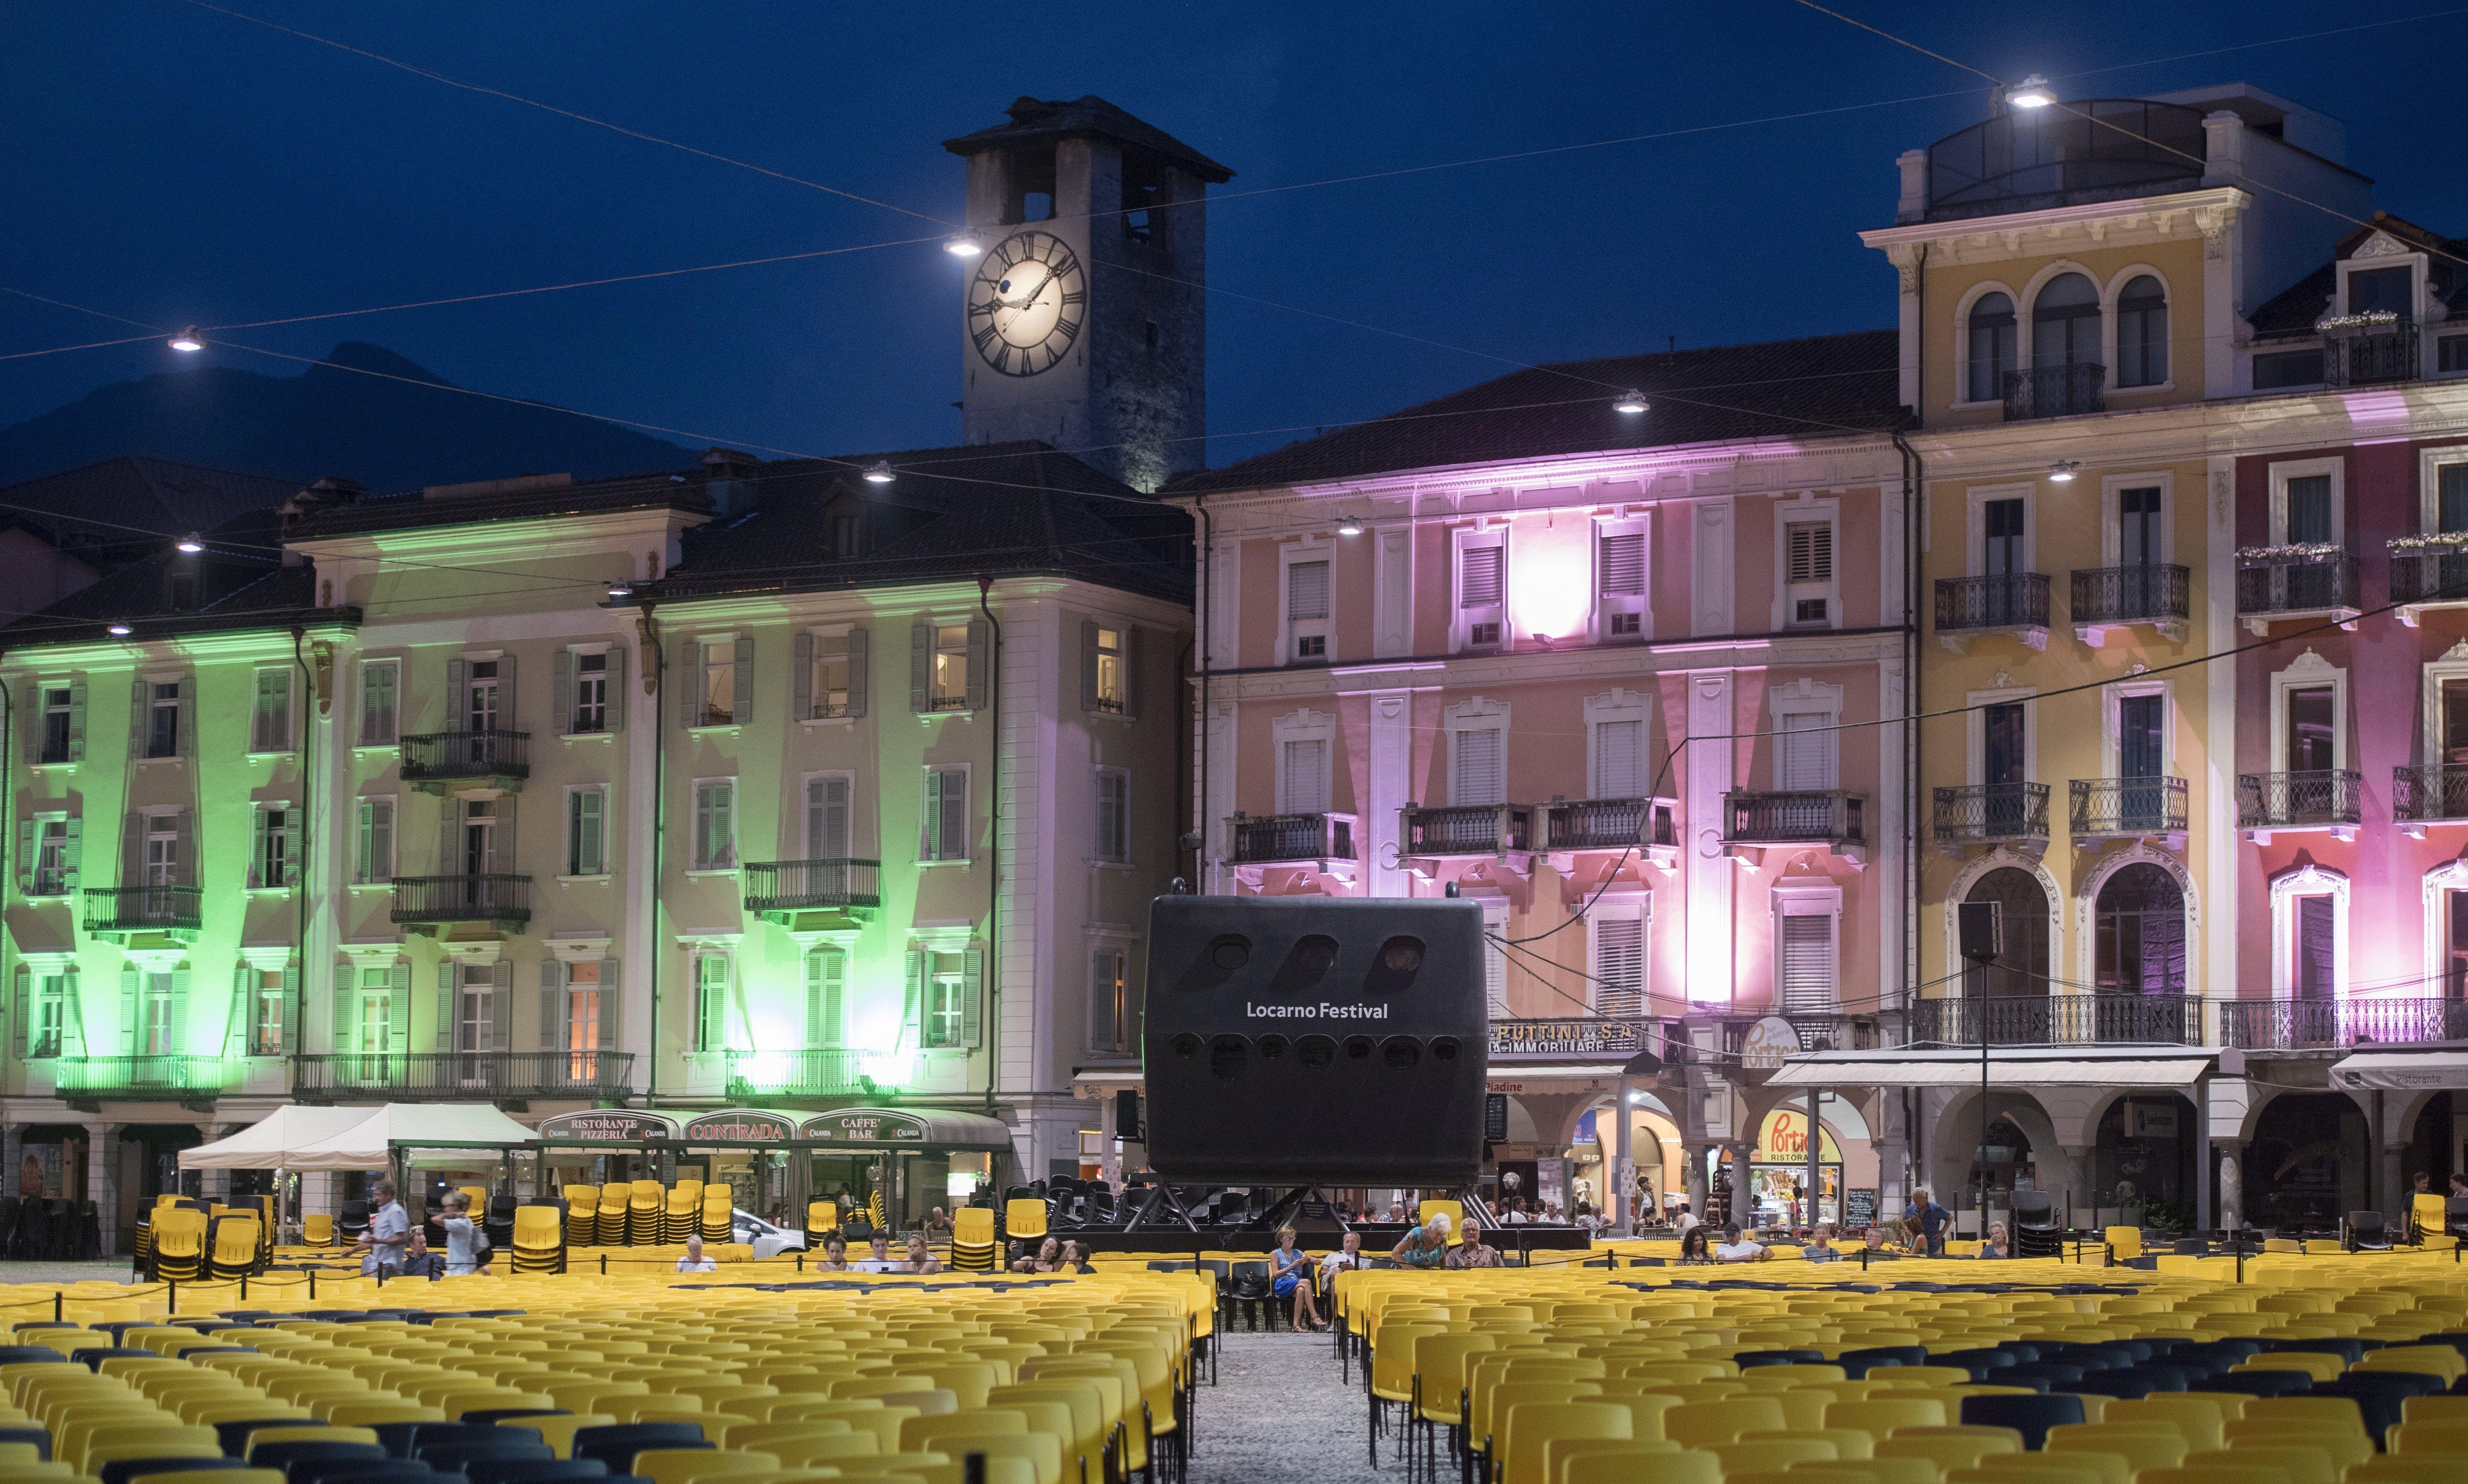 Svjetska premijera filma 'Slatko od Ništa' na festivalu u Locarnu